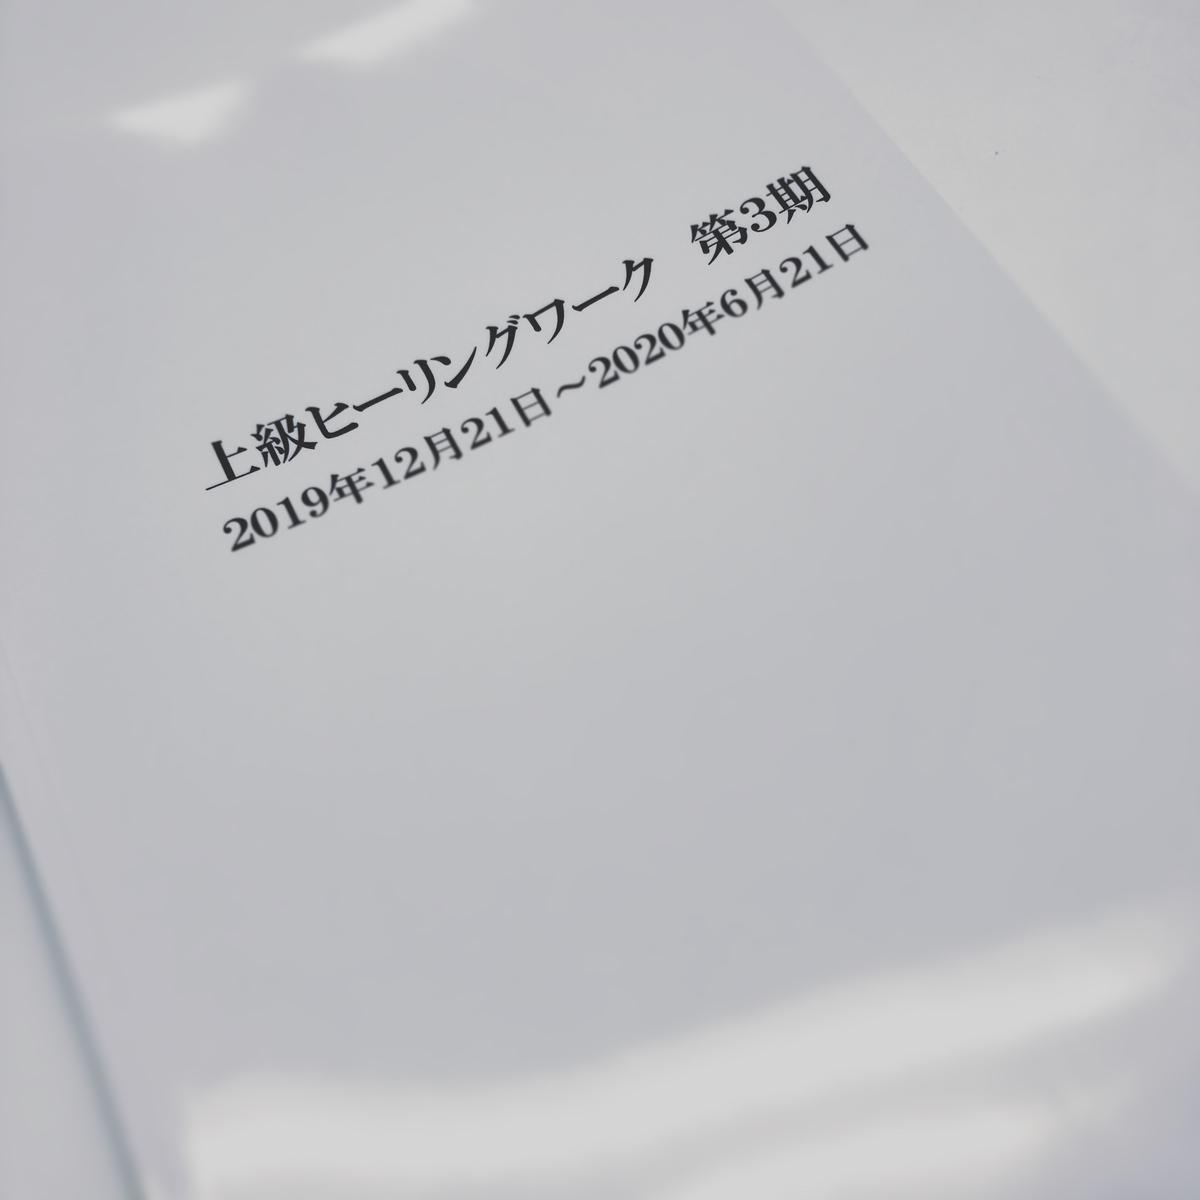 f:id:wadakazuma:20200718110909j:plain